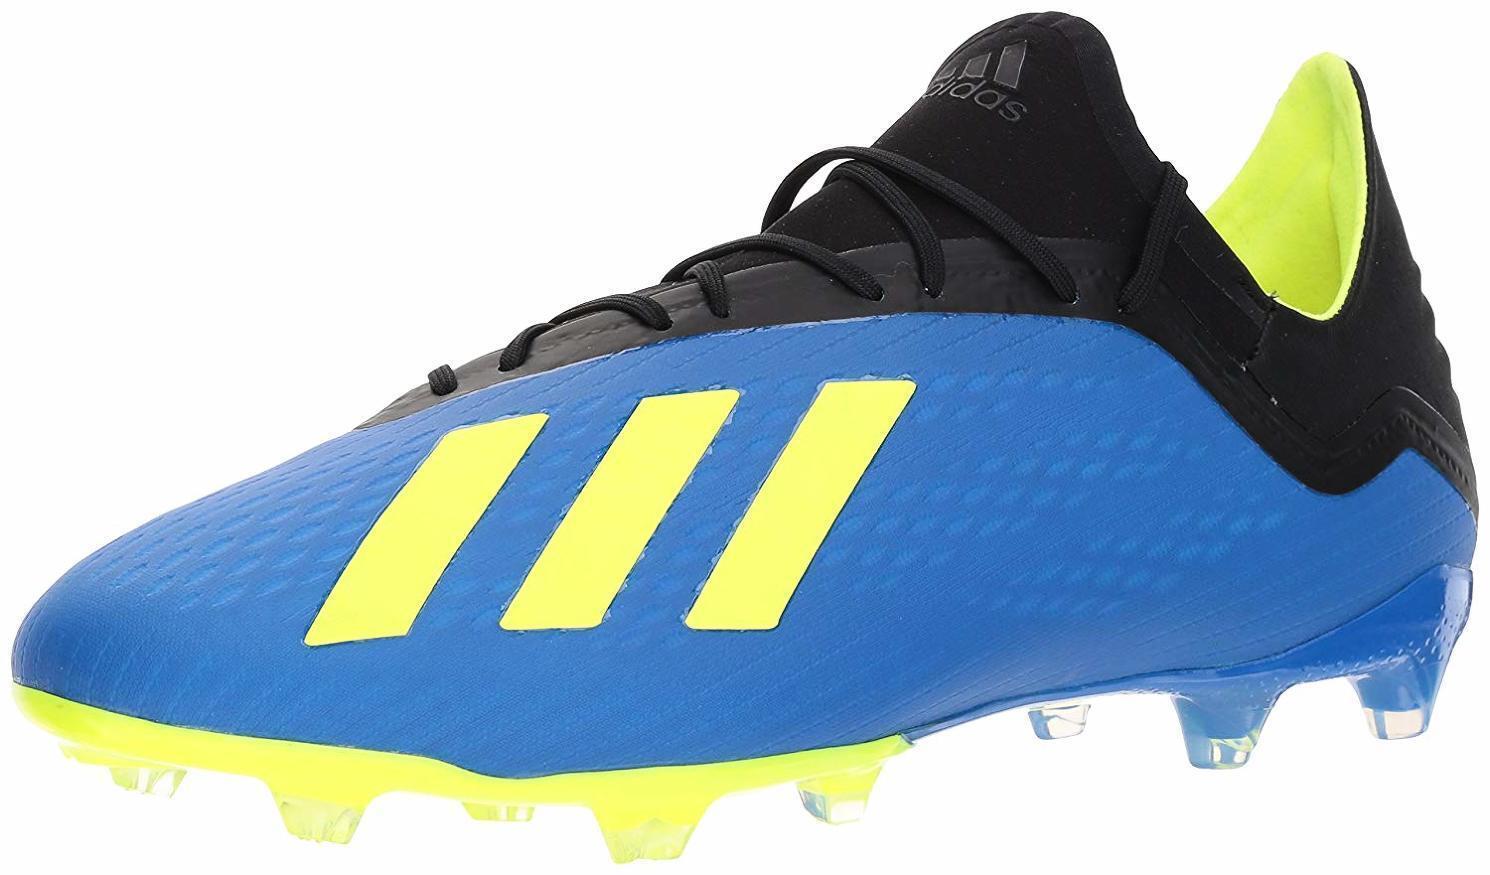 Adidas männer schuh x 18,2 boden fußball - schuh männer - farbe wählen, sz / a6d578